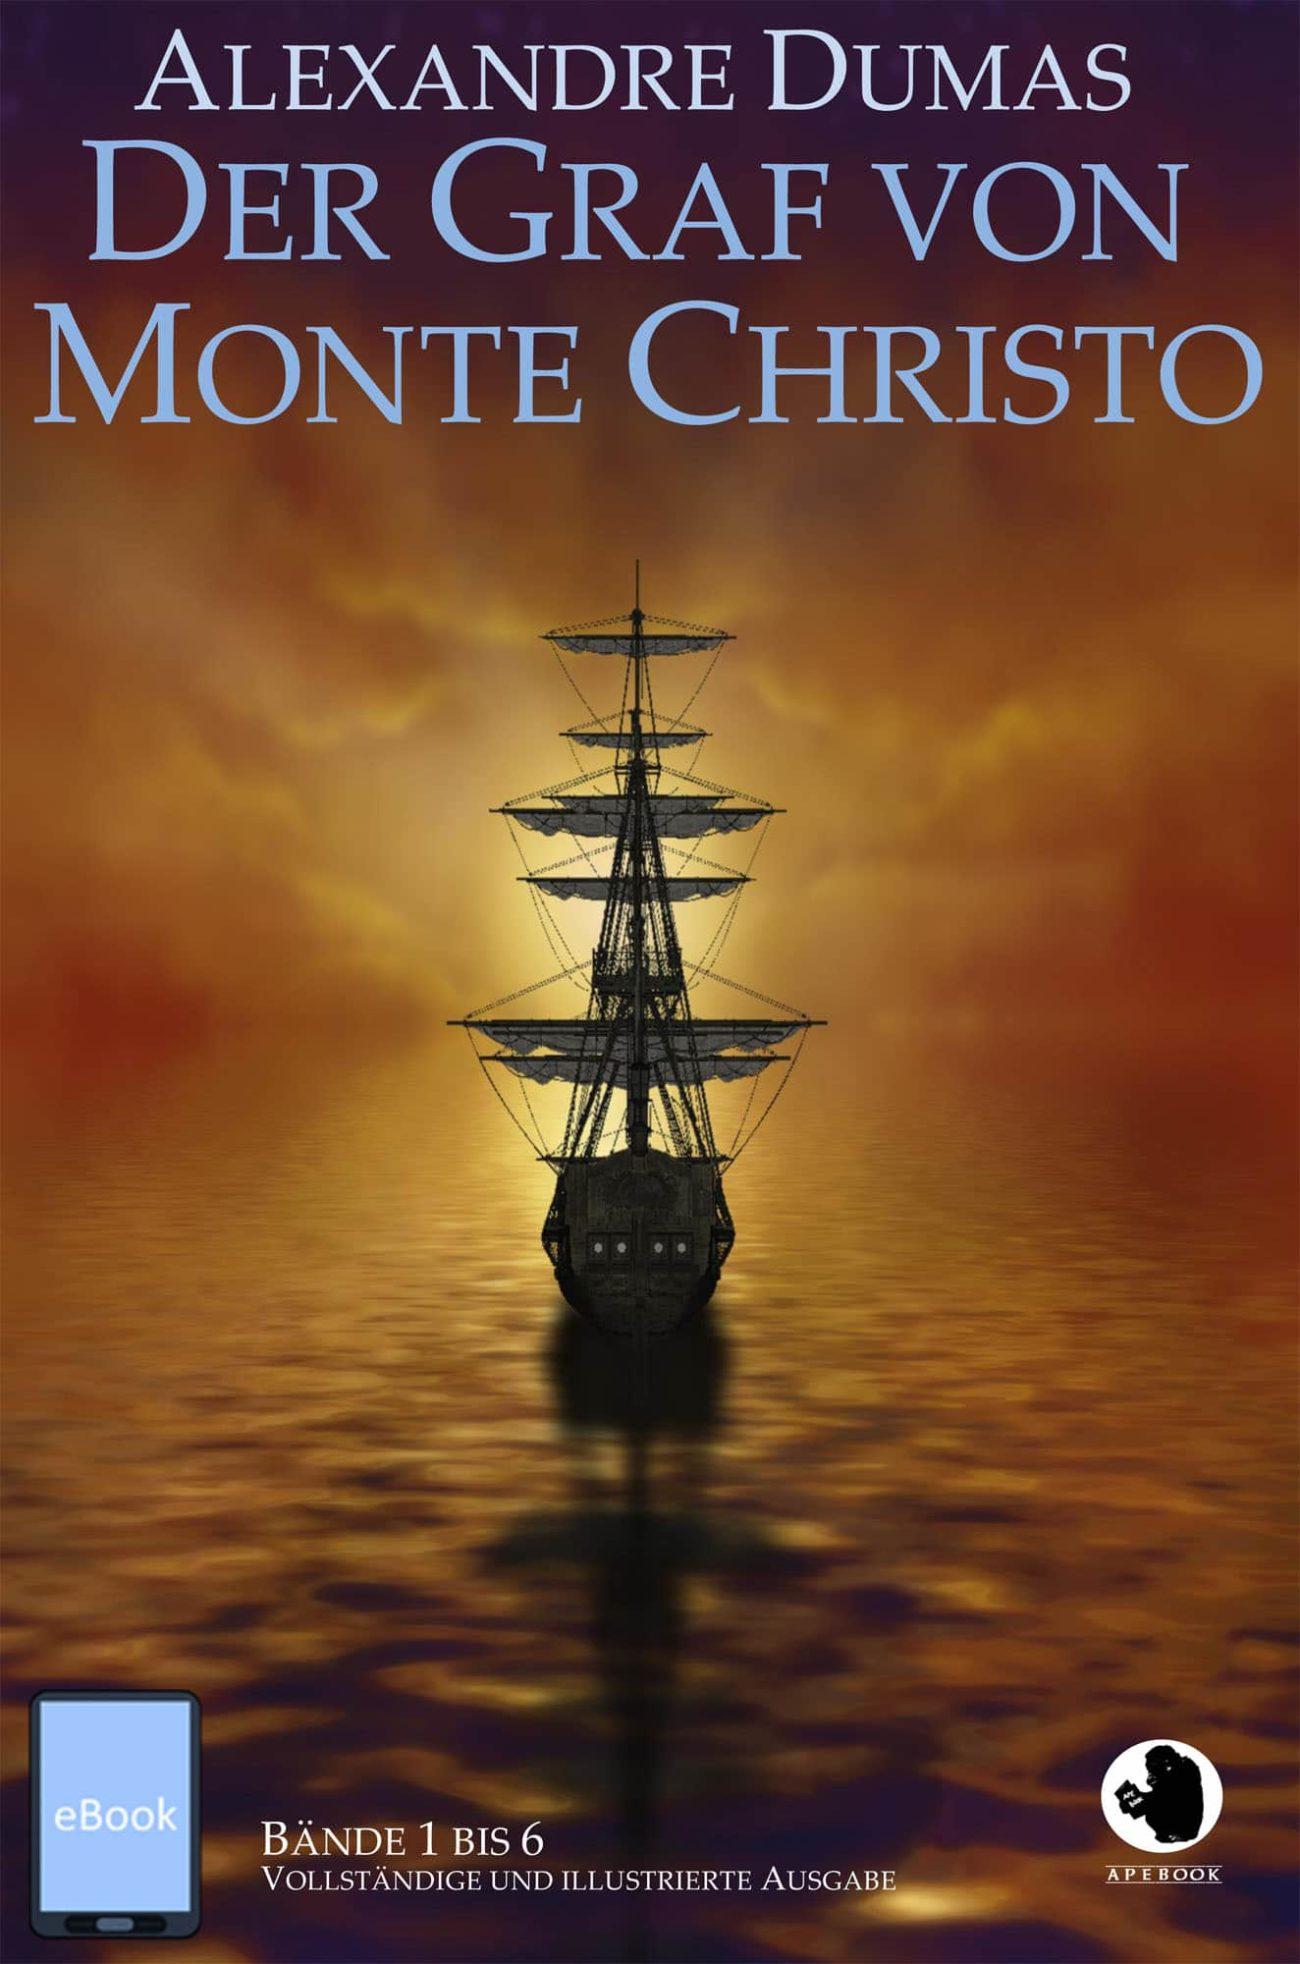 Alexandre Dumas: Der Graf von Monte Christo (dt., illustr.)(eBook))